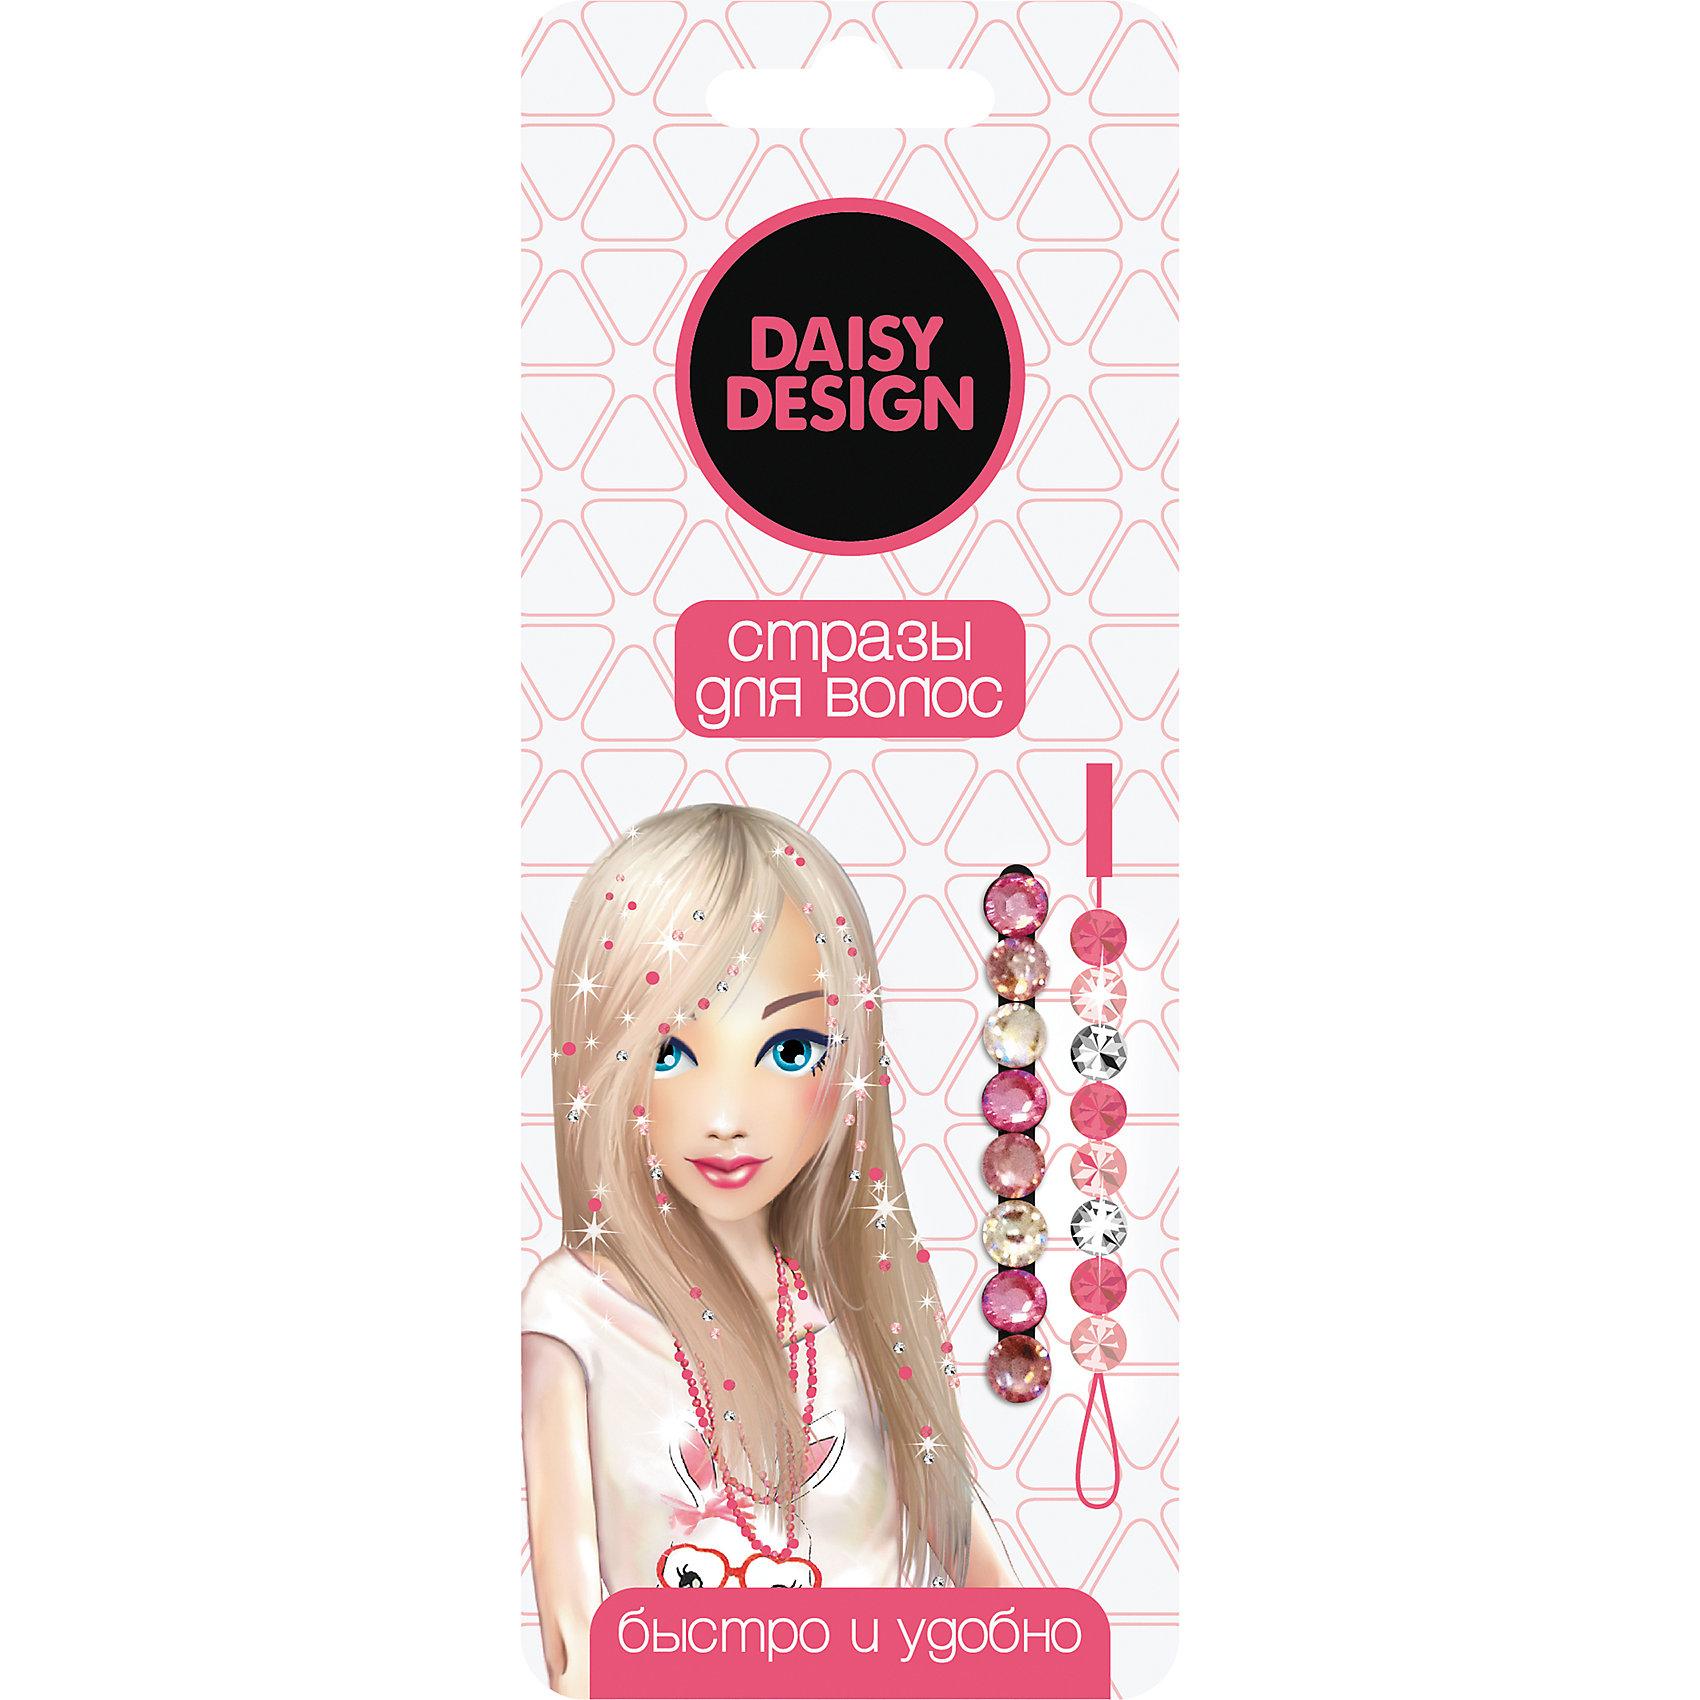 Украшение для волос Daisy Design<br><br>Ширина мм: 170<br>Глубина мм: 157<br>Высота мм: 67<br>Вес г: 117<br>Возраст от месяцев: 36<br>Возраст до месяцев: 2147483647<br>Пол: Женский<br>Возраст: Детский<br>SKU: 4623727